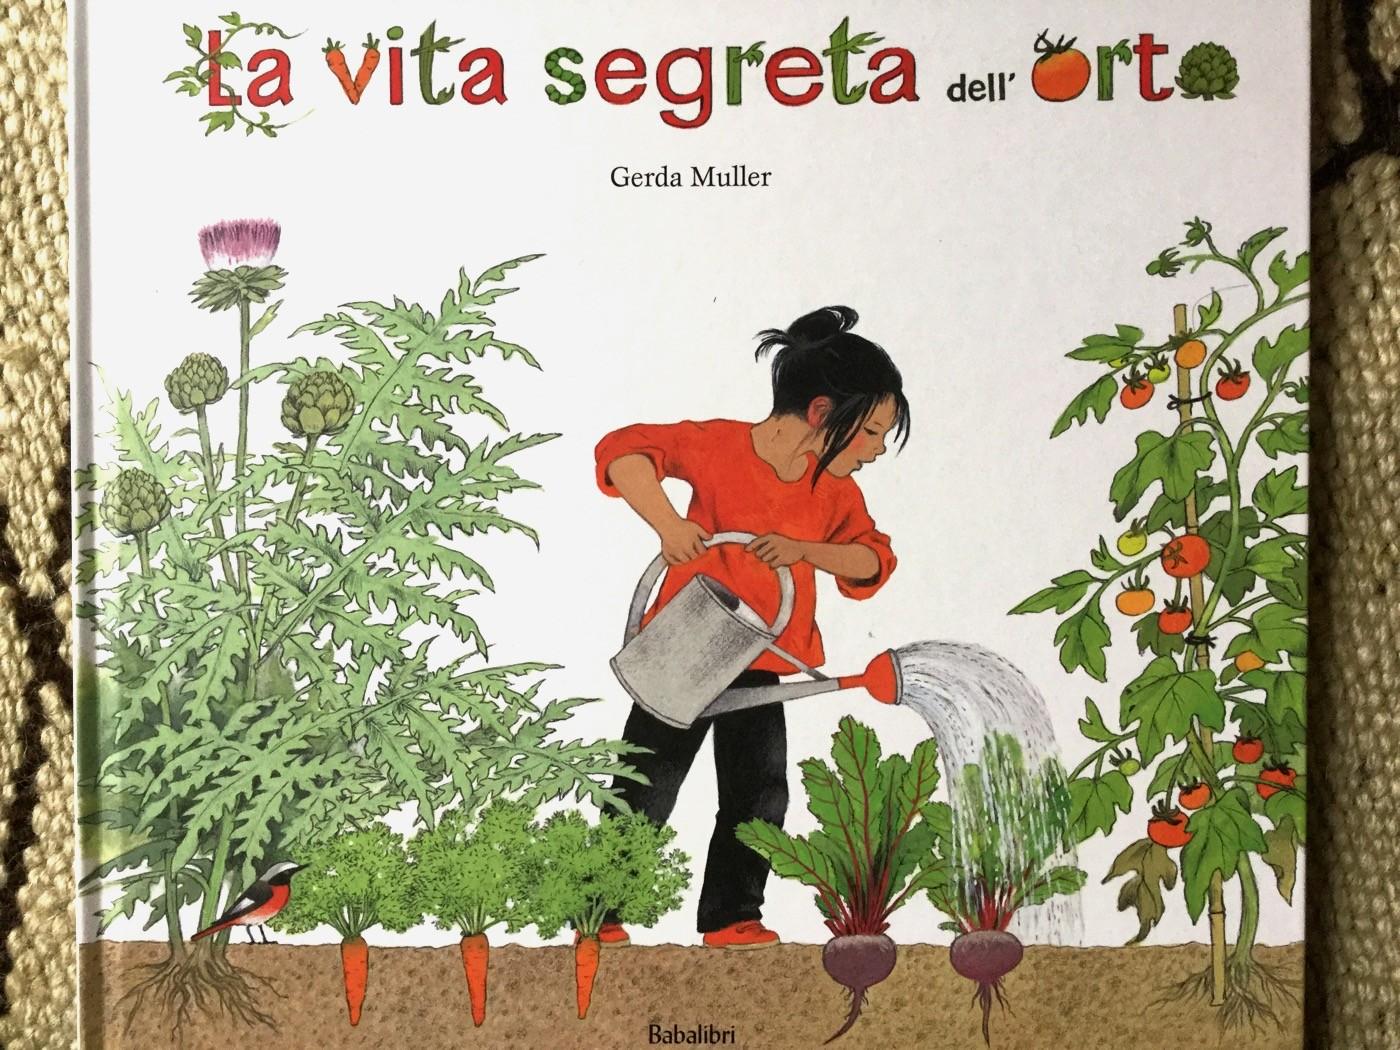 LA VITA SEGRETA DELL'ORTO Gerda Muller - Babalibri - 2013 - Galline Volanti